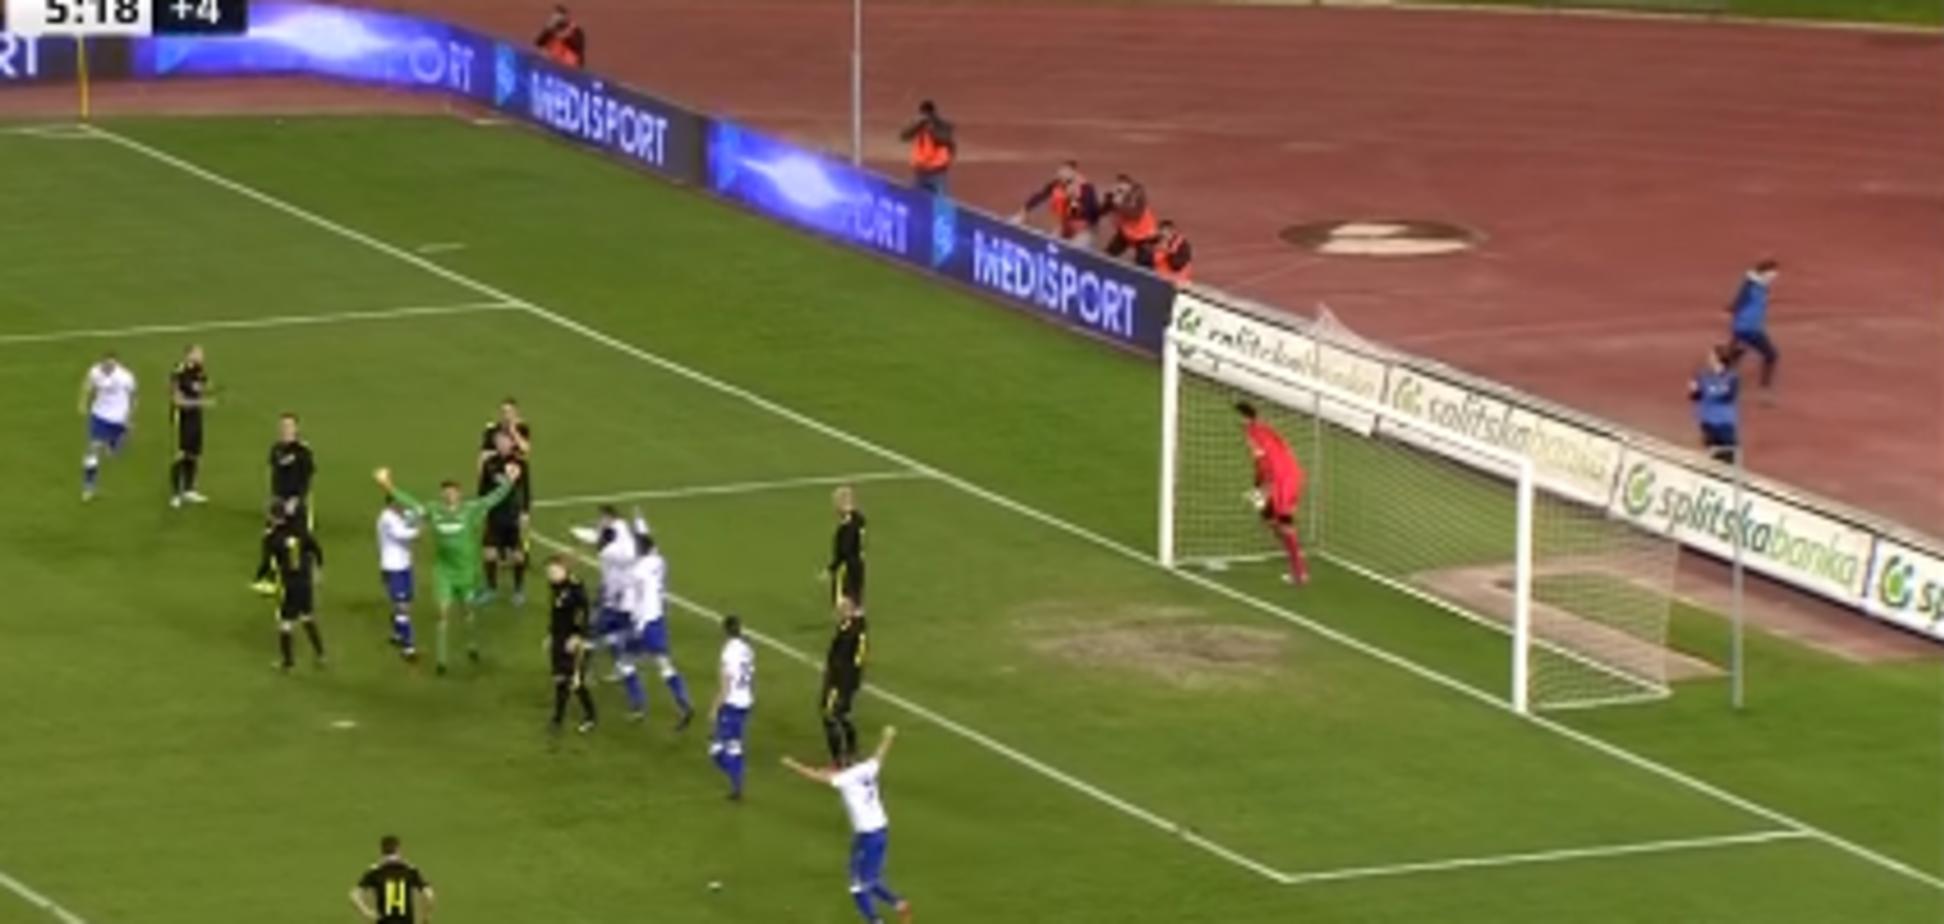 Хорватський воротар забив ефектний м'яч у падінні на останній секунді матчу: відео переможного гола